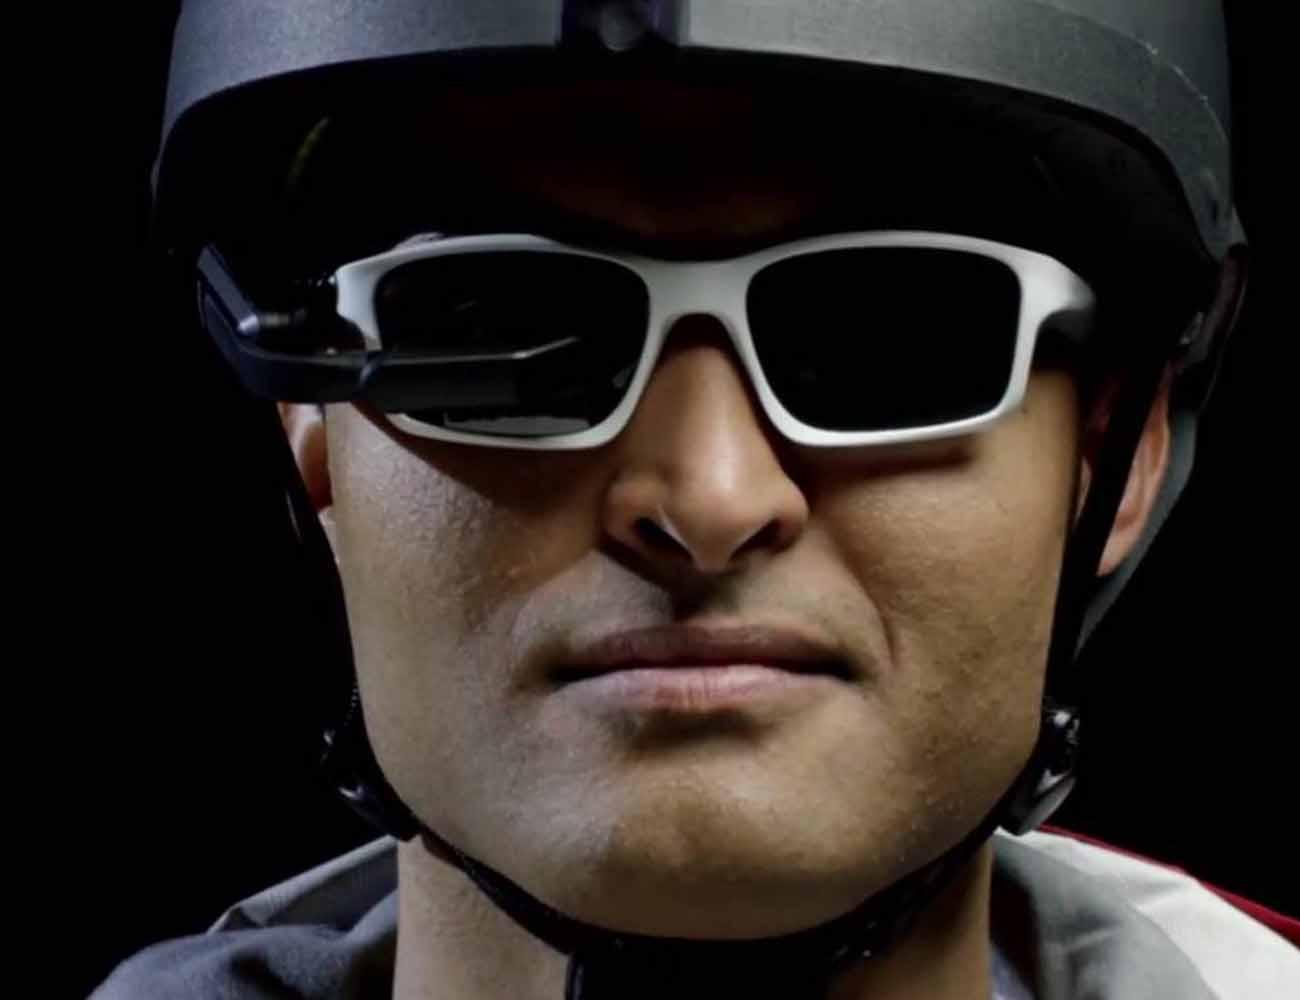 Garmin Varia Vision Bike Headset